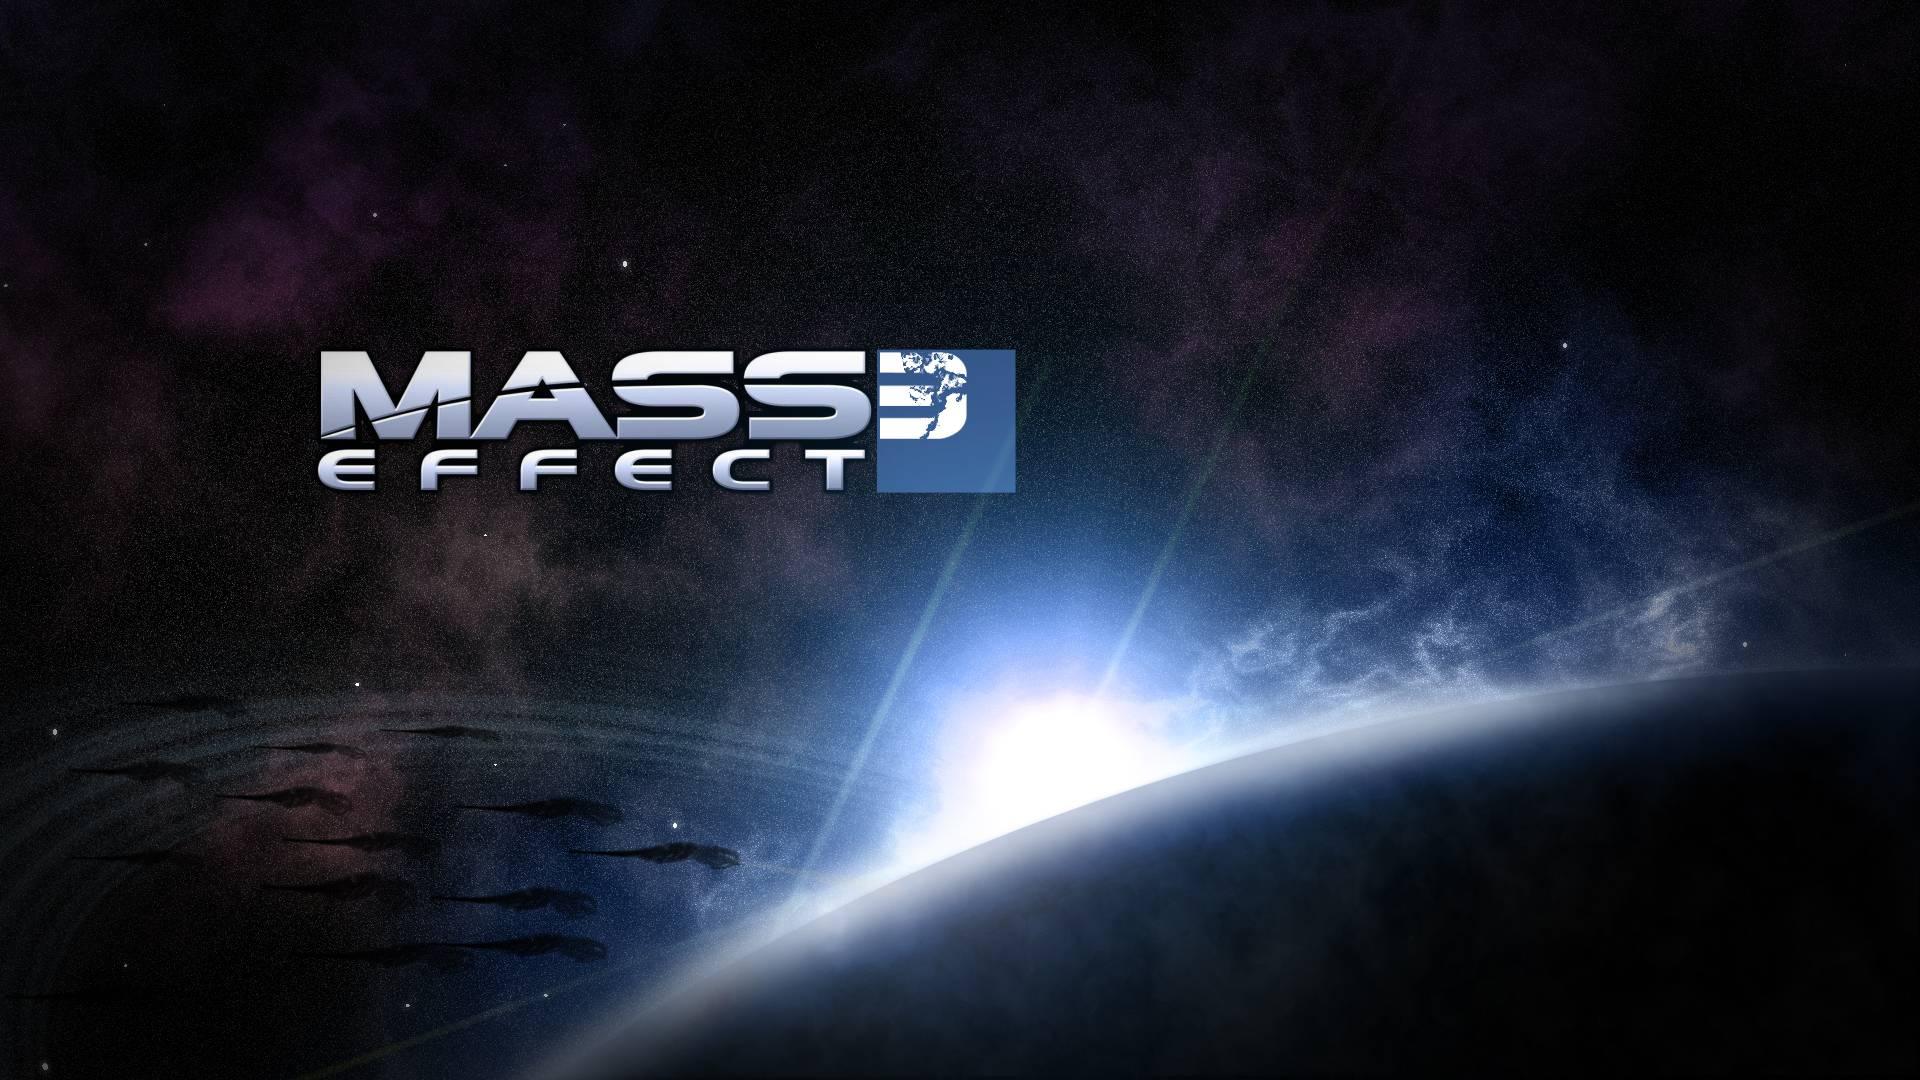 Mass Effect Desktop Backgrounds